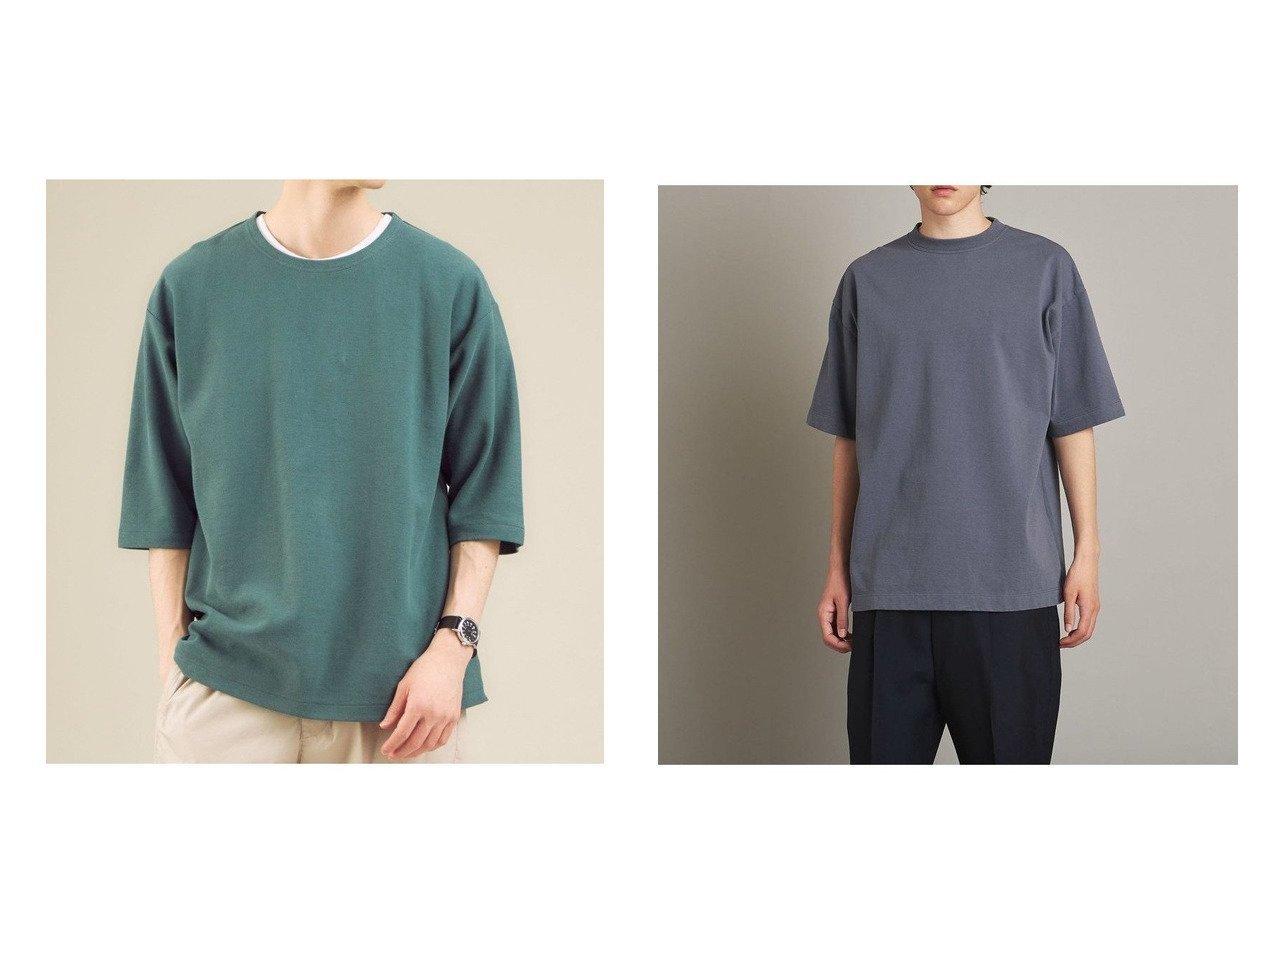 【steven alan / MEN/スティーブンアラン】のSteven Alan HI-DENS CREW NECK SHORT SLEEVE TEE-Tシャツ&【green label relaxing / UNITED ARROWS / MEN/グリーンレーベルリラクシング メン】のSC グリッティー ジャカード ノーカラー 5分袖 Tシャツ カットソー 【MEN】おすすめ!人気トレンド・男性、メンズファッションの通販  おすすめで人気の流行・トレンド、ファッションの通販商品 インテリア・家具・メンズファッション・キッズファッション・レディースファッション・服の通販 founy(ファニー) https://founy.com/ ファッション Fashion メンズファッション MEN トップス・カットソー Tops/Tshirt/Men シャツ Shirts 春 Spring 秋 Autumn/Fall カットソー キャップ シンプル ジャカード ネックレス フラット NEW・新作・新着・新入荷 New Arrivals おすすめ Recommend インナー フィット 半袖 |ID:crp329100000044513